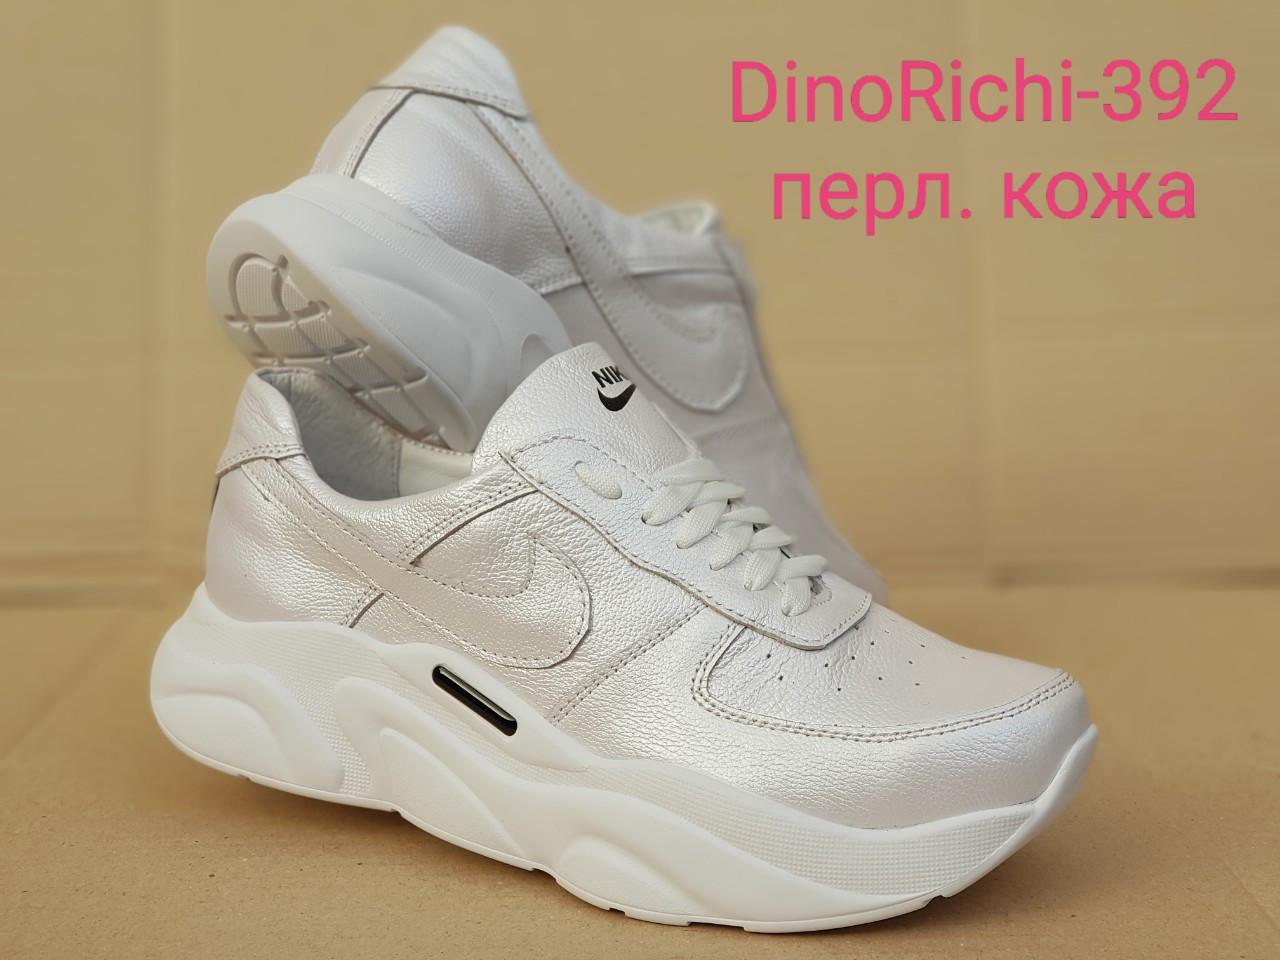 Кроссовки DinoRichi 392 перламутровая кожа